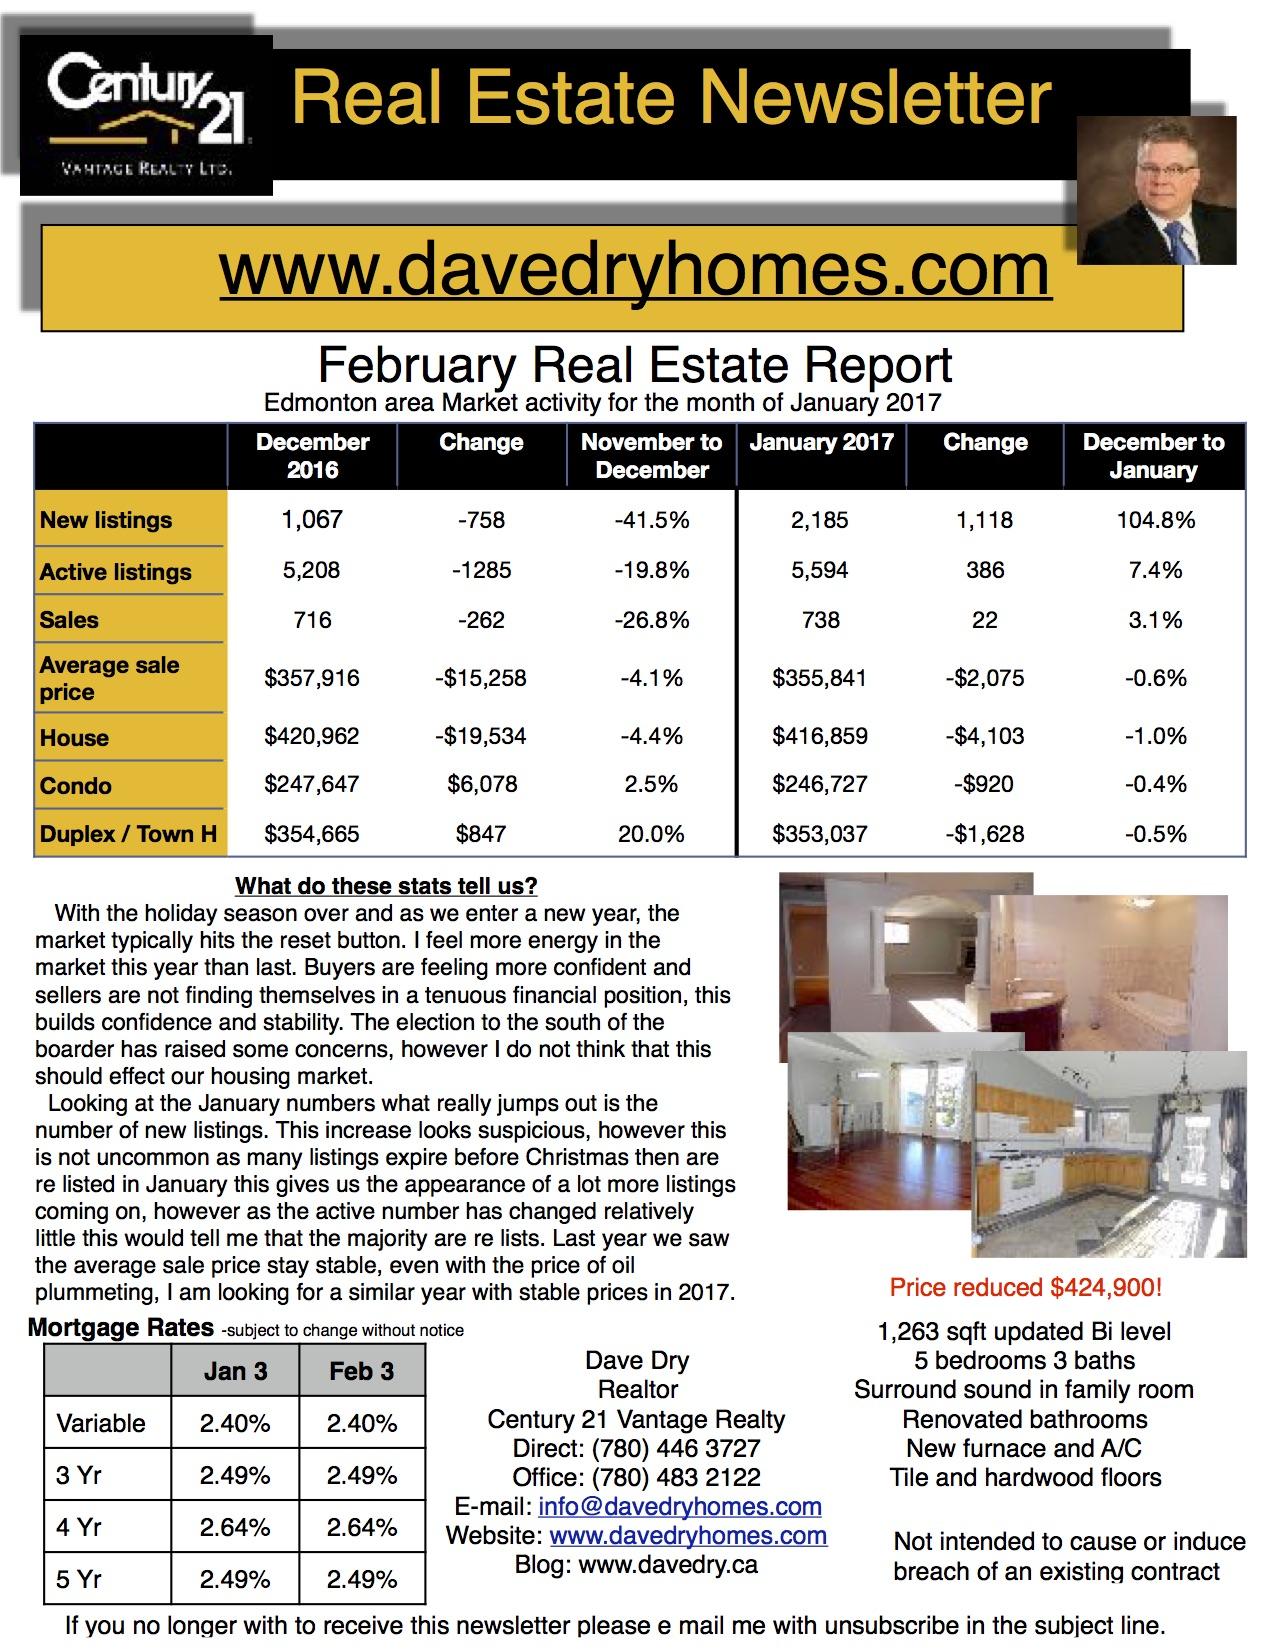 February 2017 Real Estate Newsletter